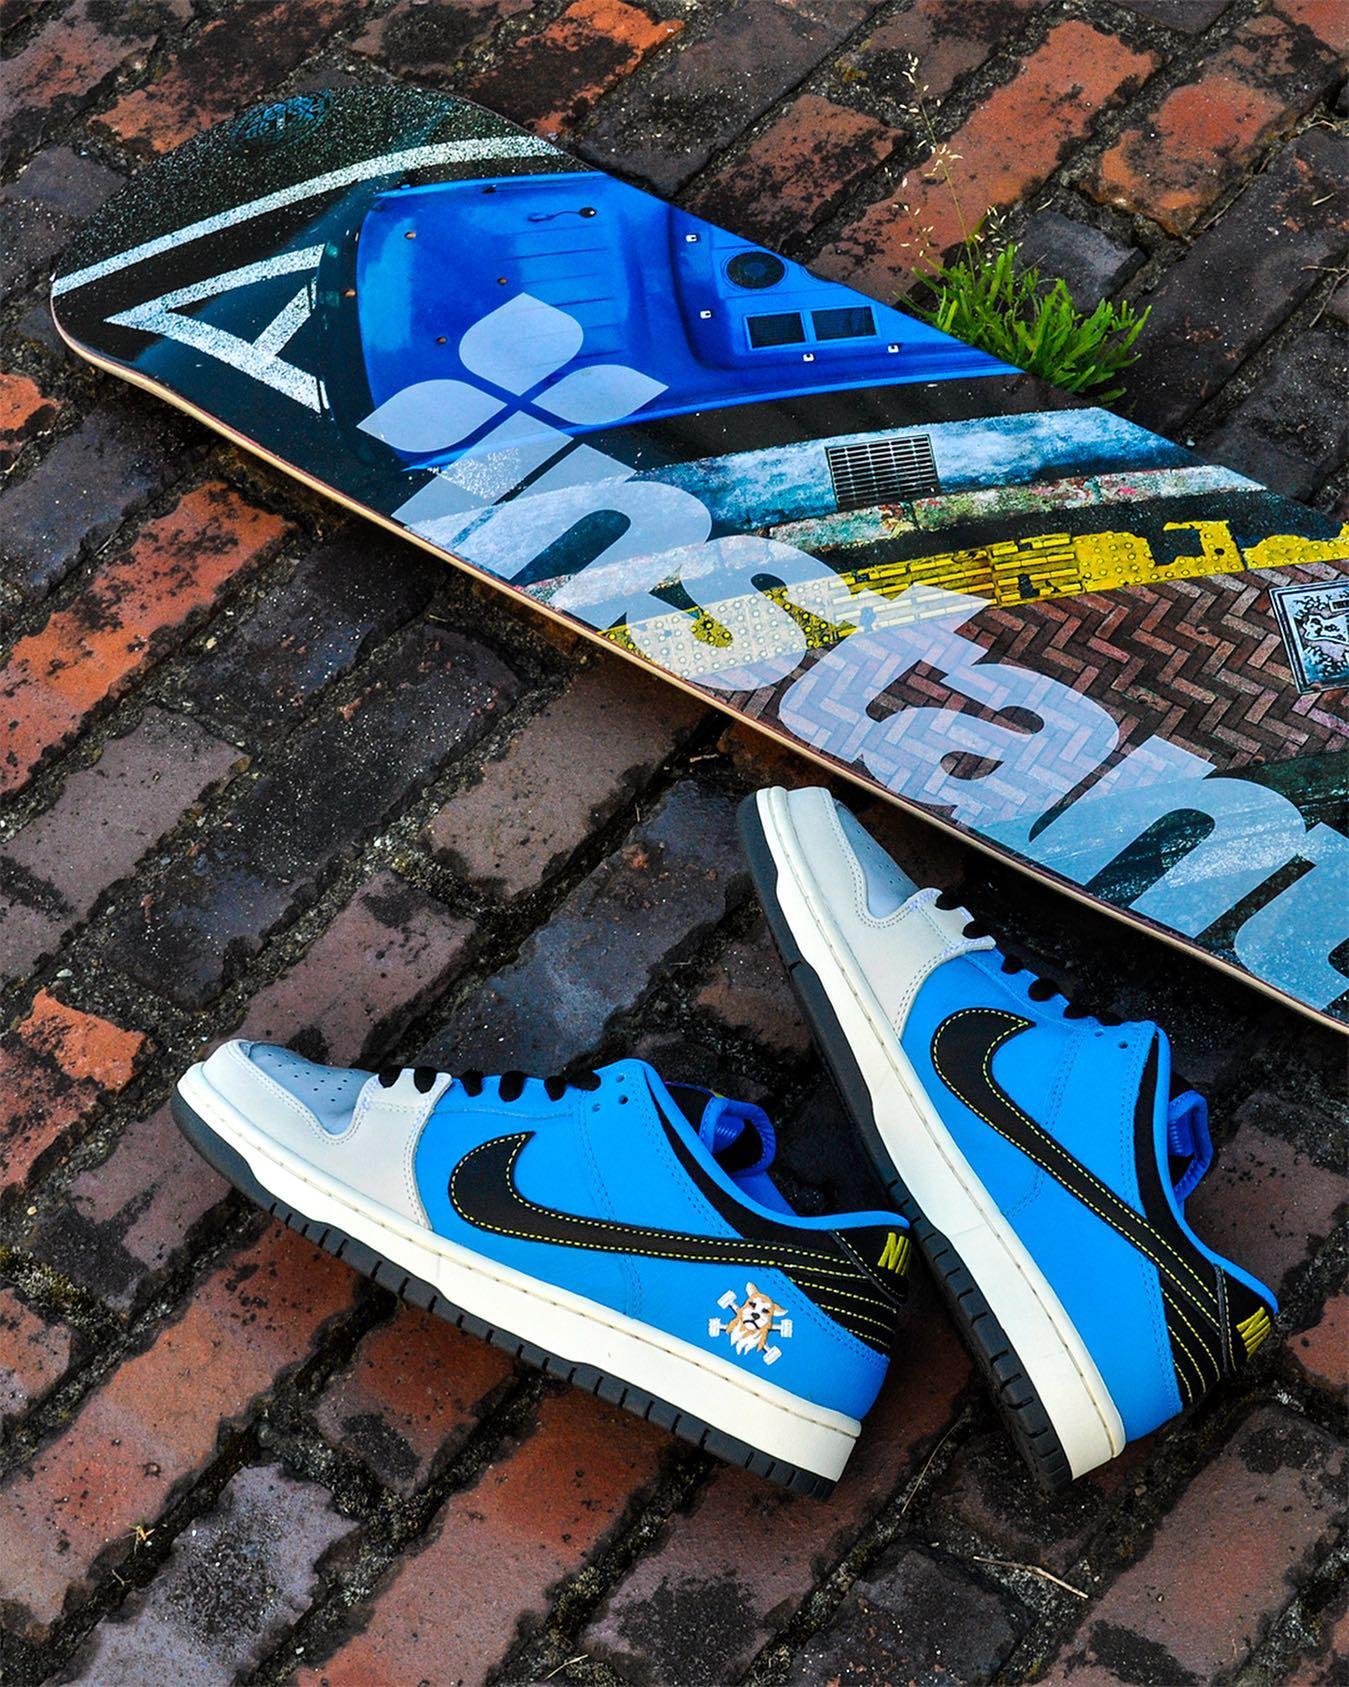 9月18日(金)発売Instant  Nike SB – Dunk Low Proカウンターカルチャーを発信し独自の発展を遂げてきた渋谷の街にインスパイアを受けたDunkが完成しました。スケートボード仕様に拘ったギミックをお楽しみ下さい。-Why don't you skate?-Instant  Nike SB – Dunk Low Pro inspired by the city of Shibuya. The city fosters unique own counterculture, and we celebrate it by mixing the culture and skate.Enjoy, and -Why don't you skate?-#instantskateshop #i25tant※販売方法に関してはブログをご確認下さい。ホームページ https://instants.co.jp/からブログへ移動して下さい。※販売足数、入荷サイズ、発売前のご予約など販売に関する事前お問い合わせはご遠慮下さい。※ no overseas shipment.